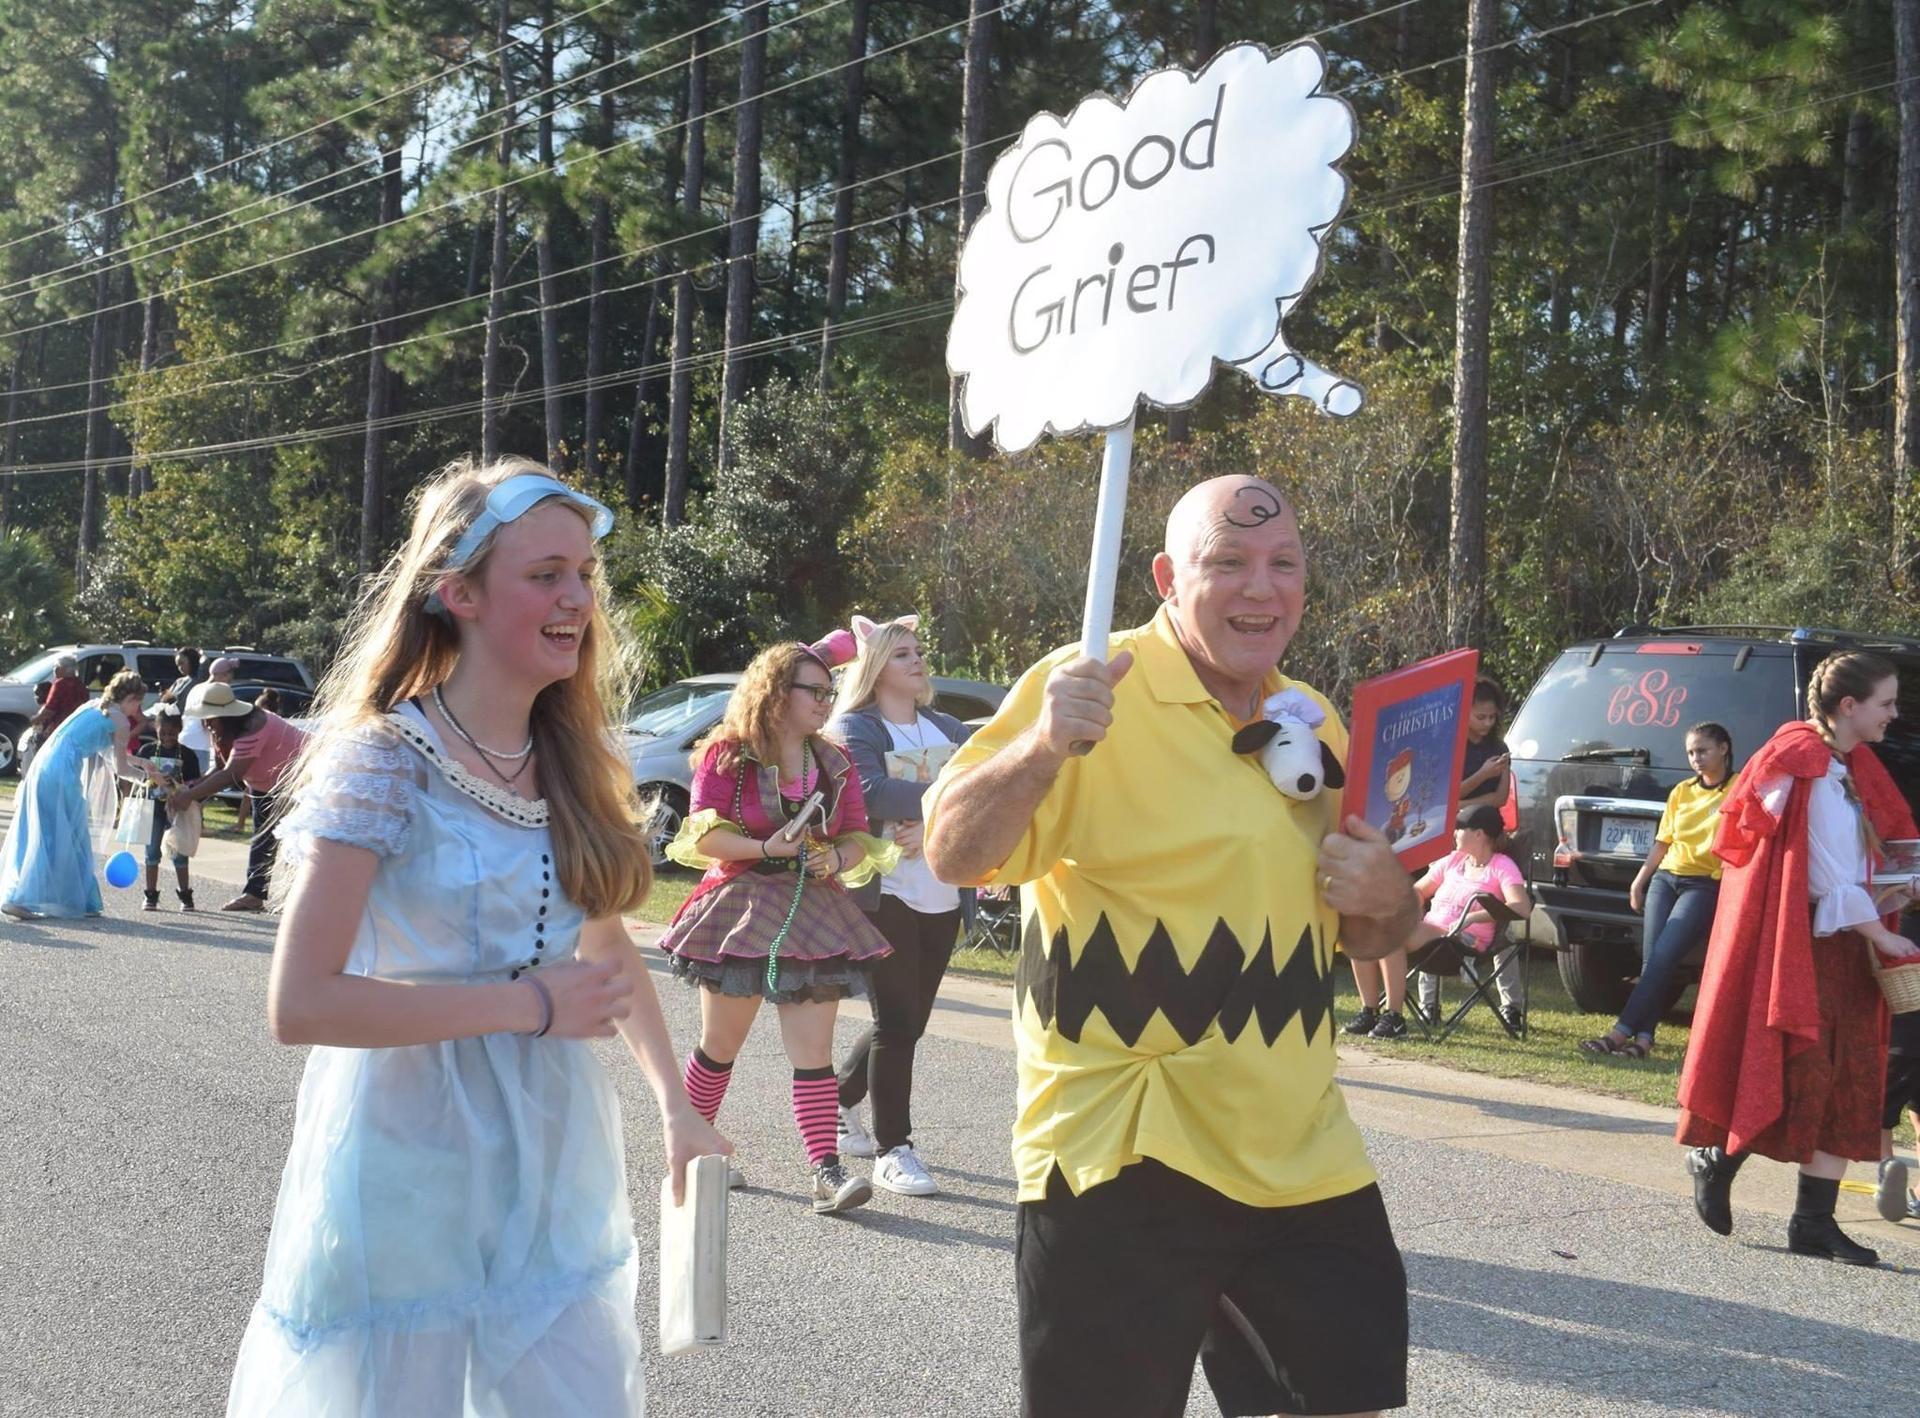 Teacher dressed as Charlie Brown